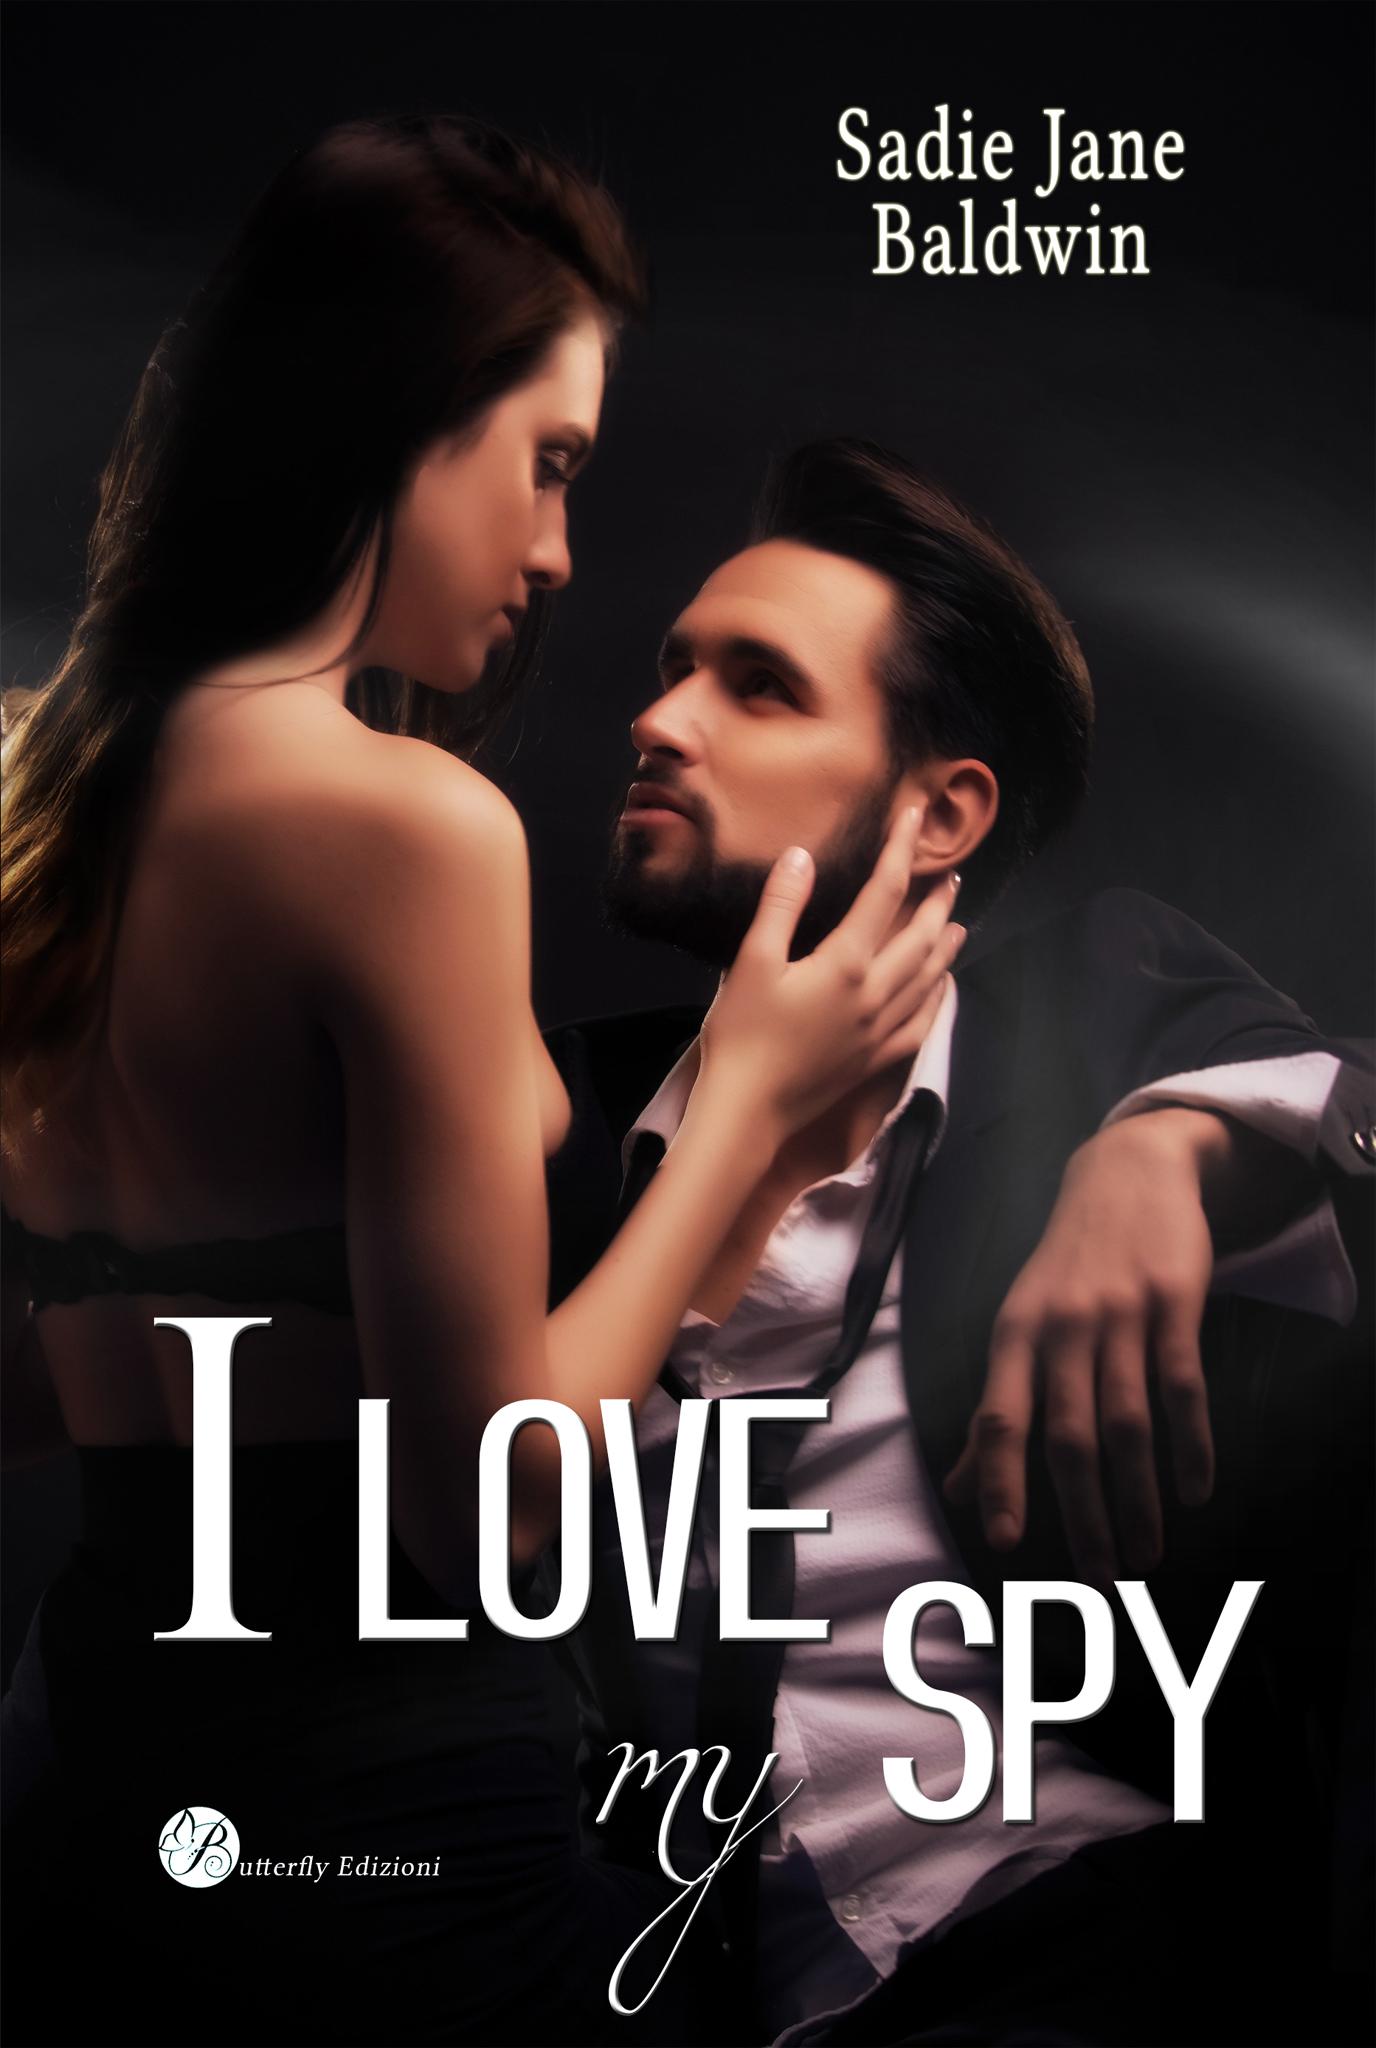 I love my spy_davanti.jpg